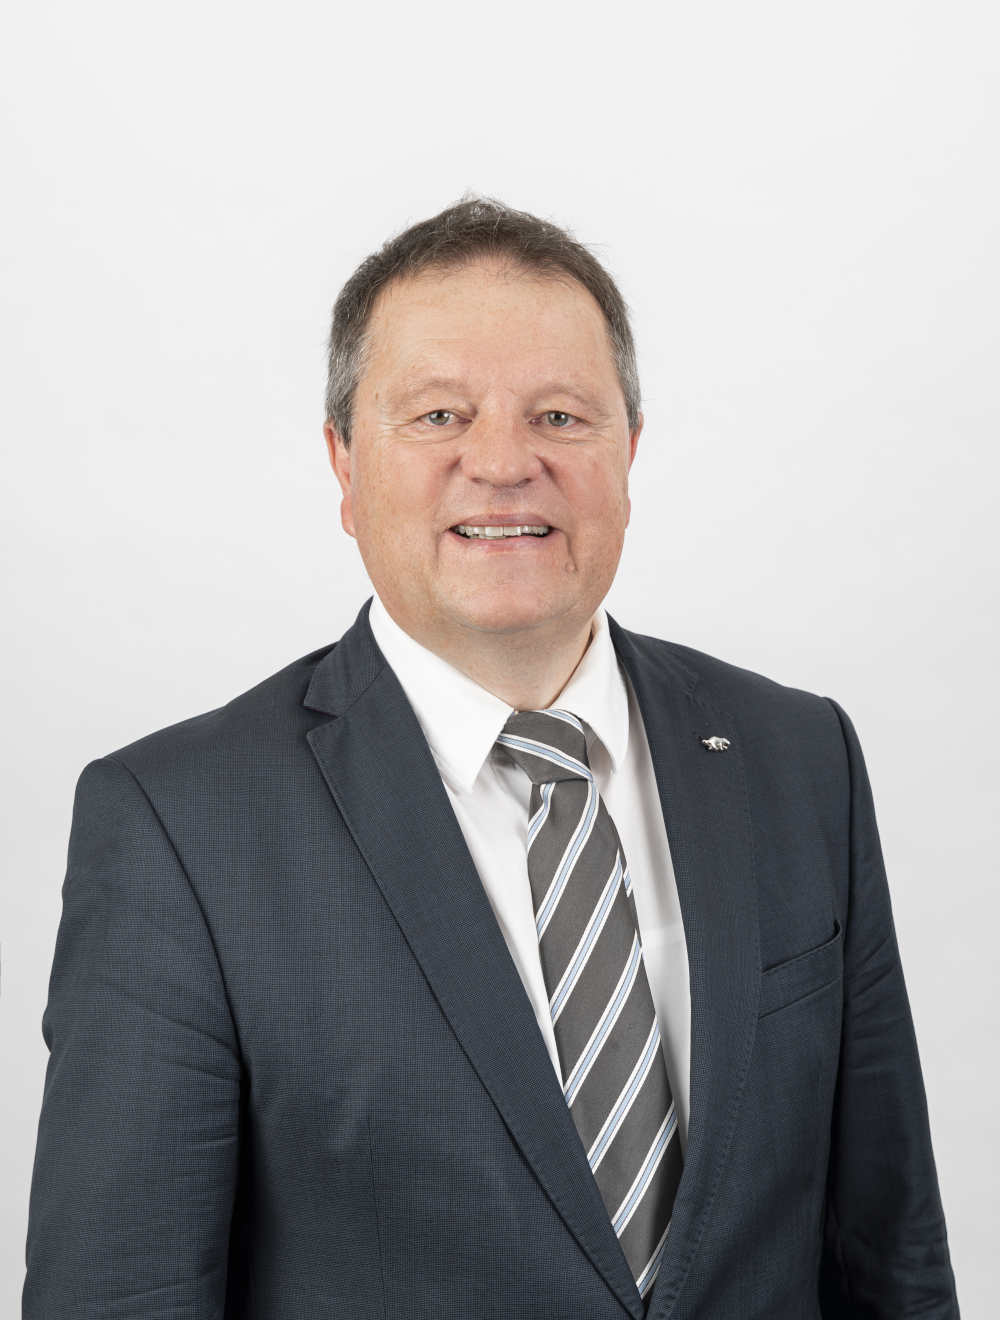 Hagen Fuhl von SenerTec Portrait - Ansprechpartner Presse